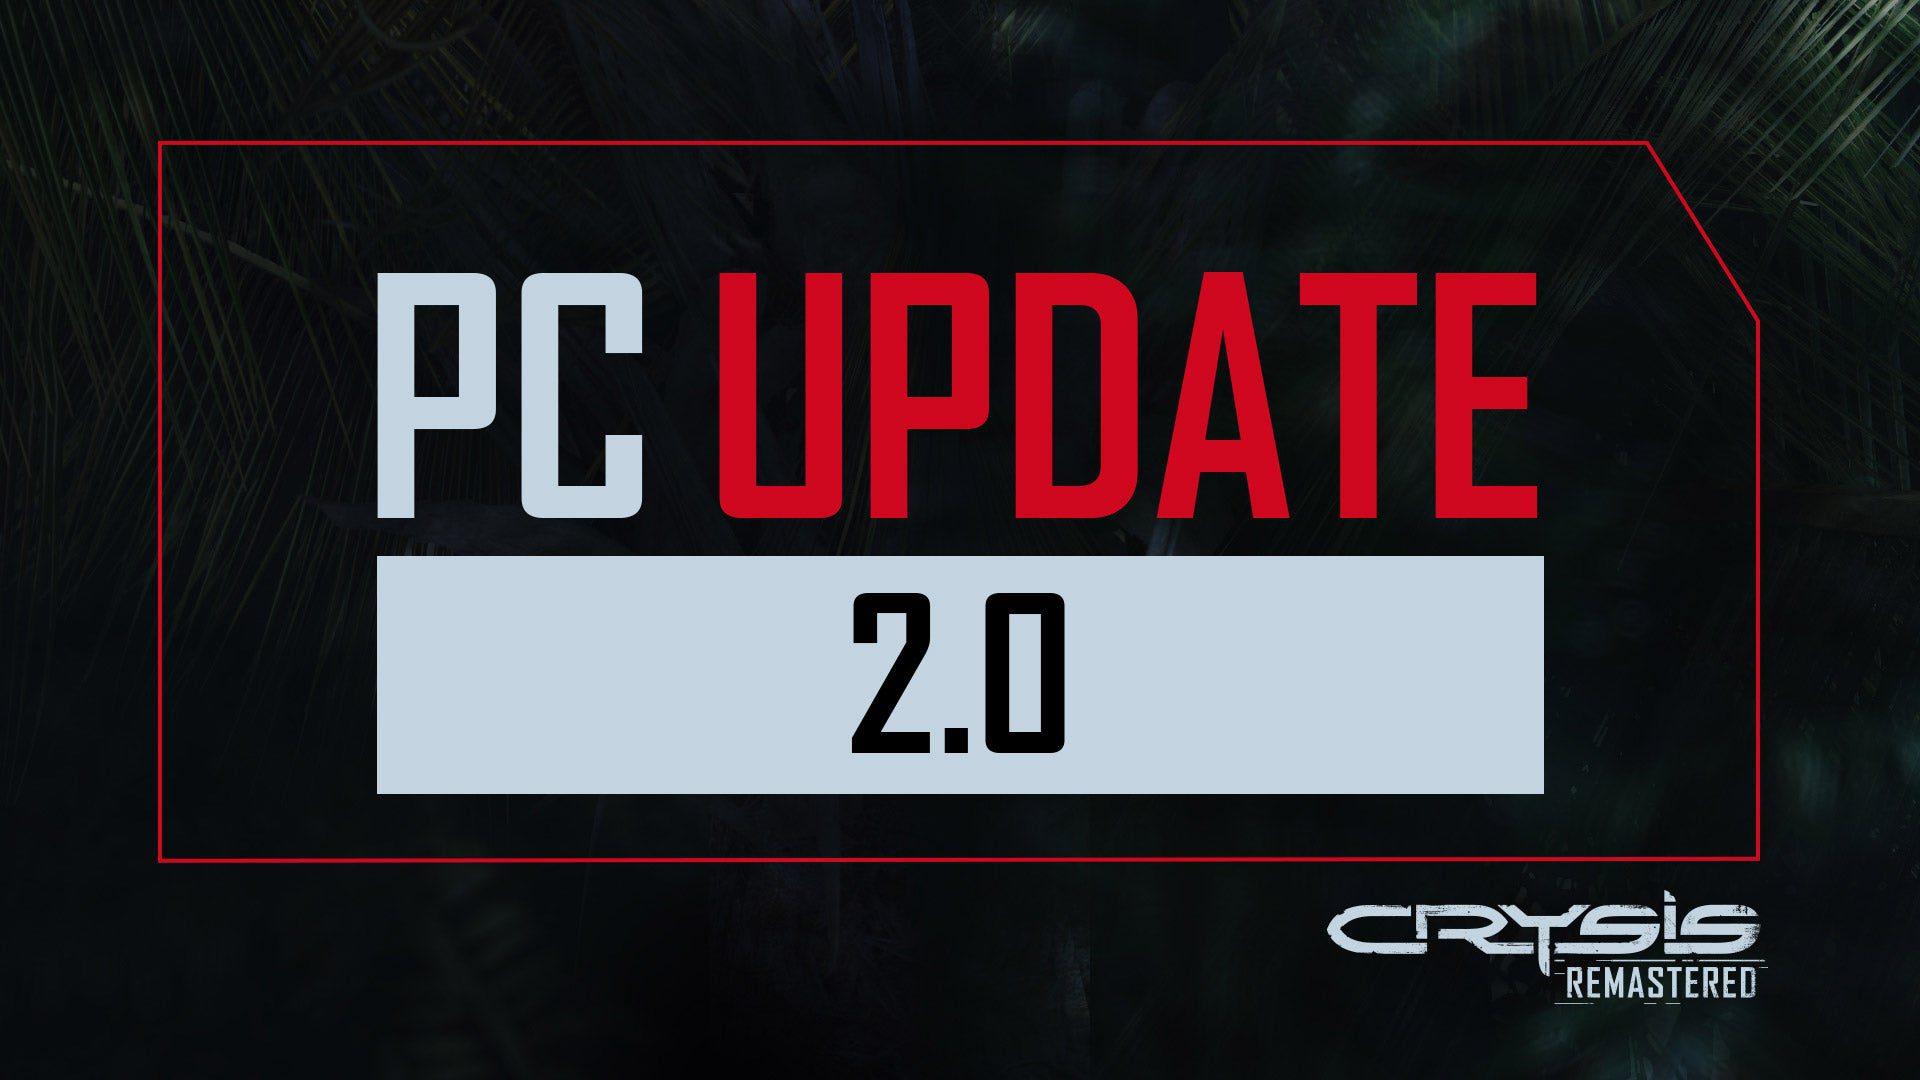 El parche 2.0 para Crysis Remastered en PC ya está disponible